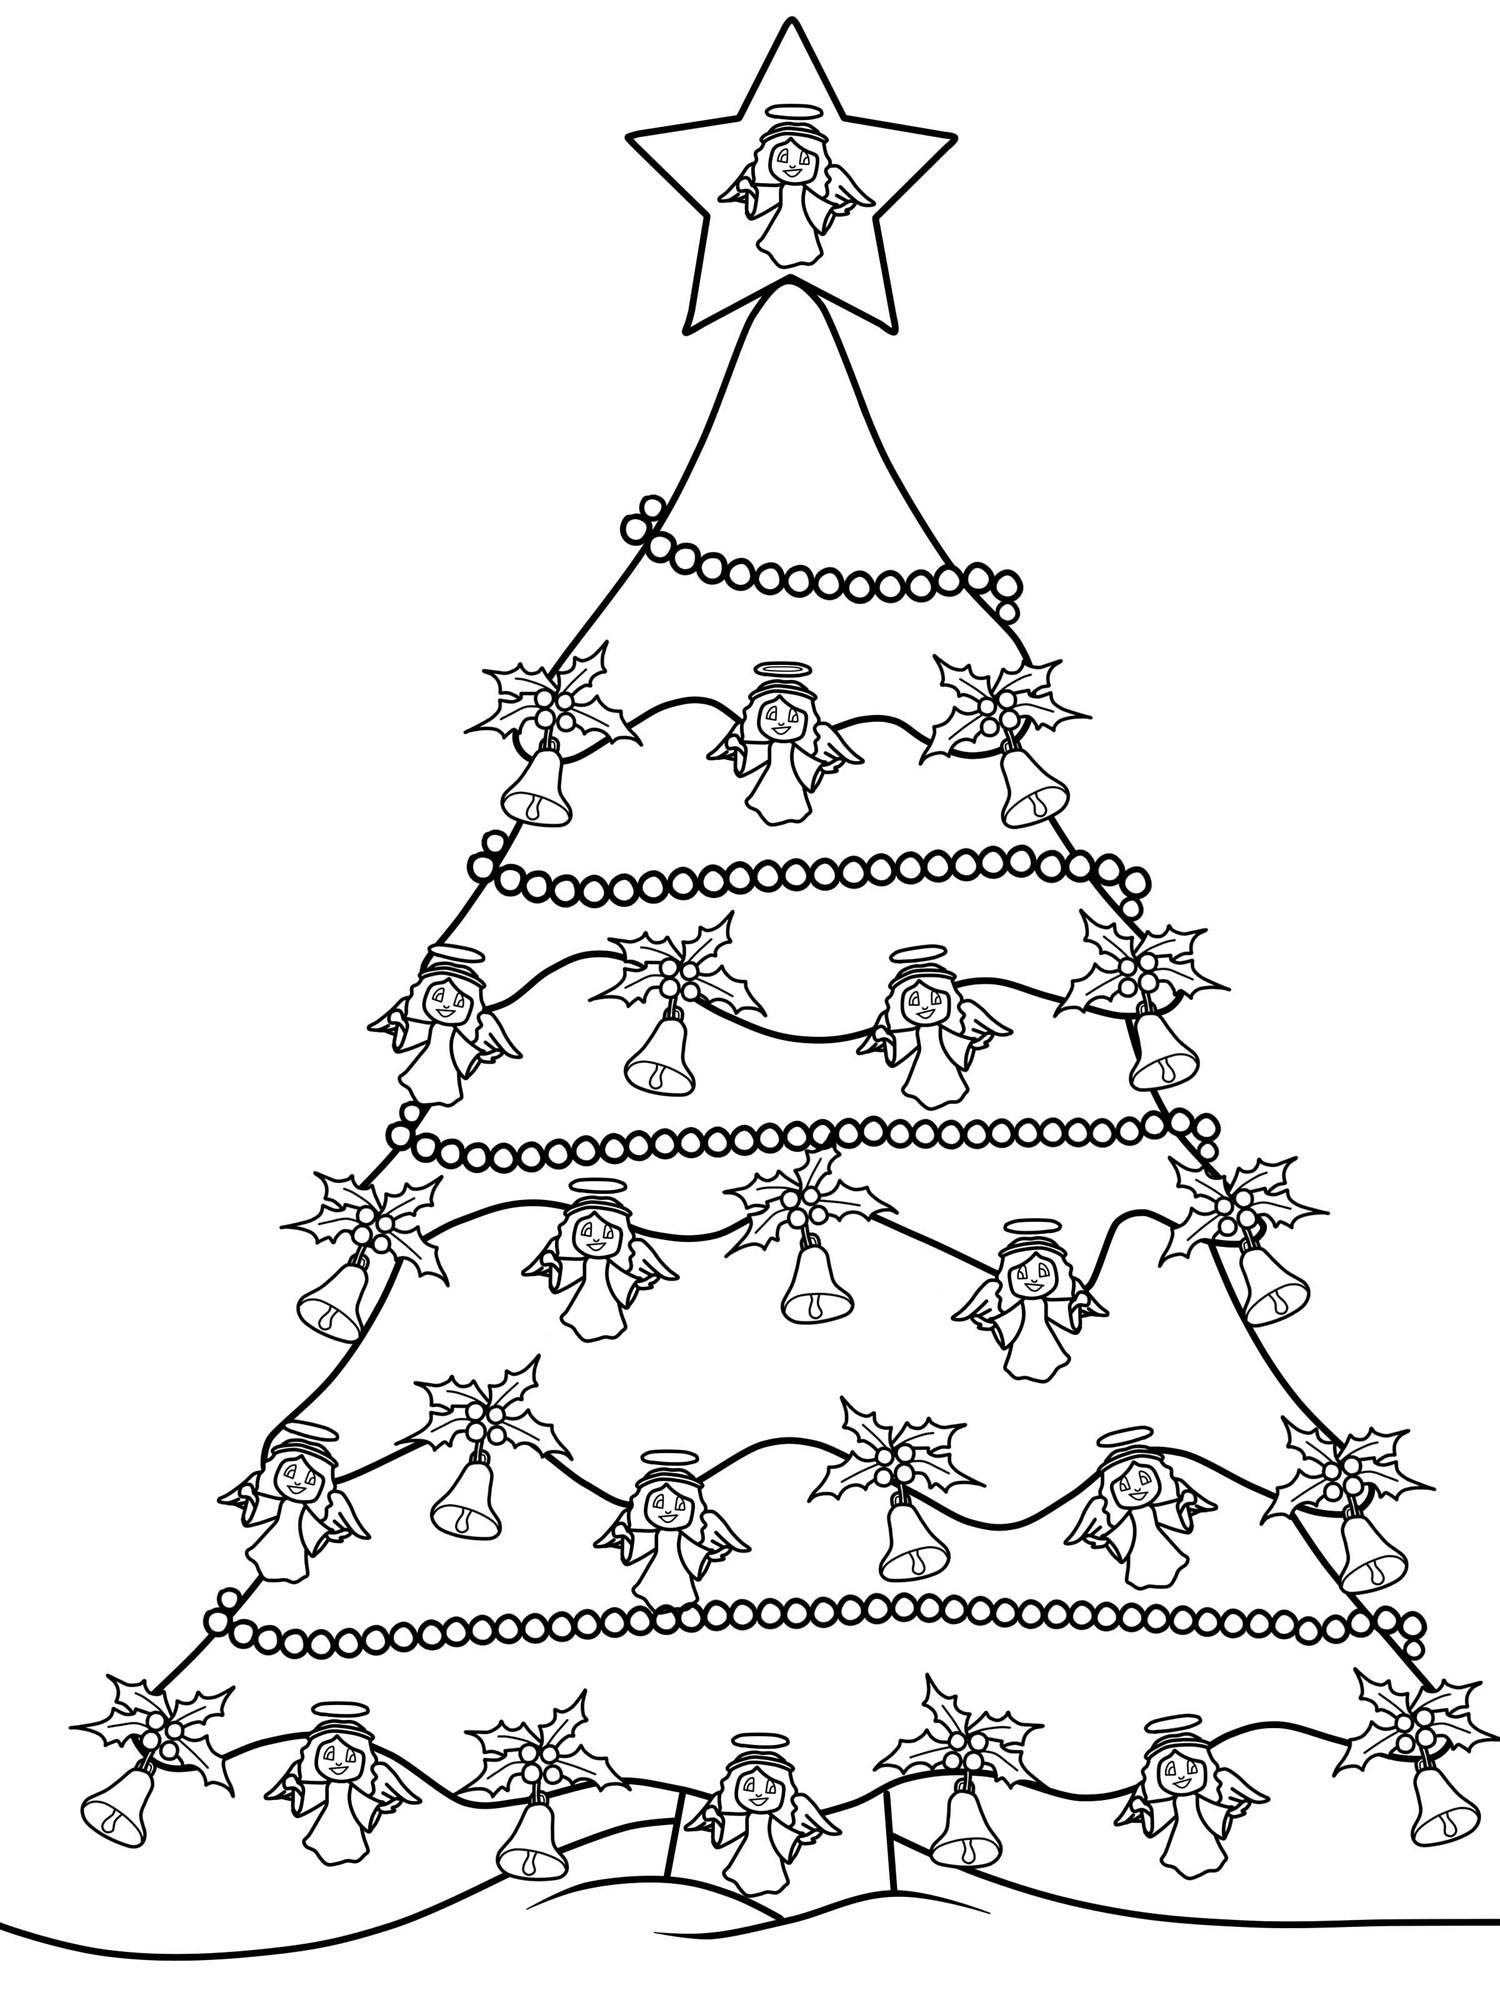 Kostenlose Malvorlage Weihnachtsbäume: Weihnachtsbaum Zum verwandt mit Tannenbaum Zum Ausmalen